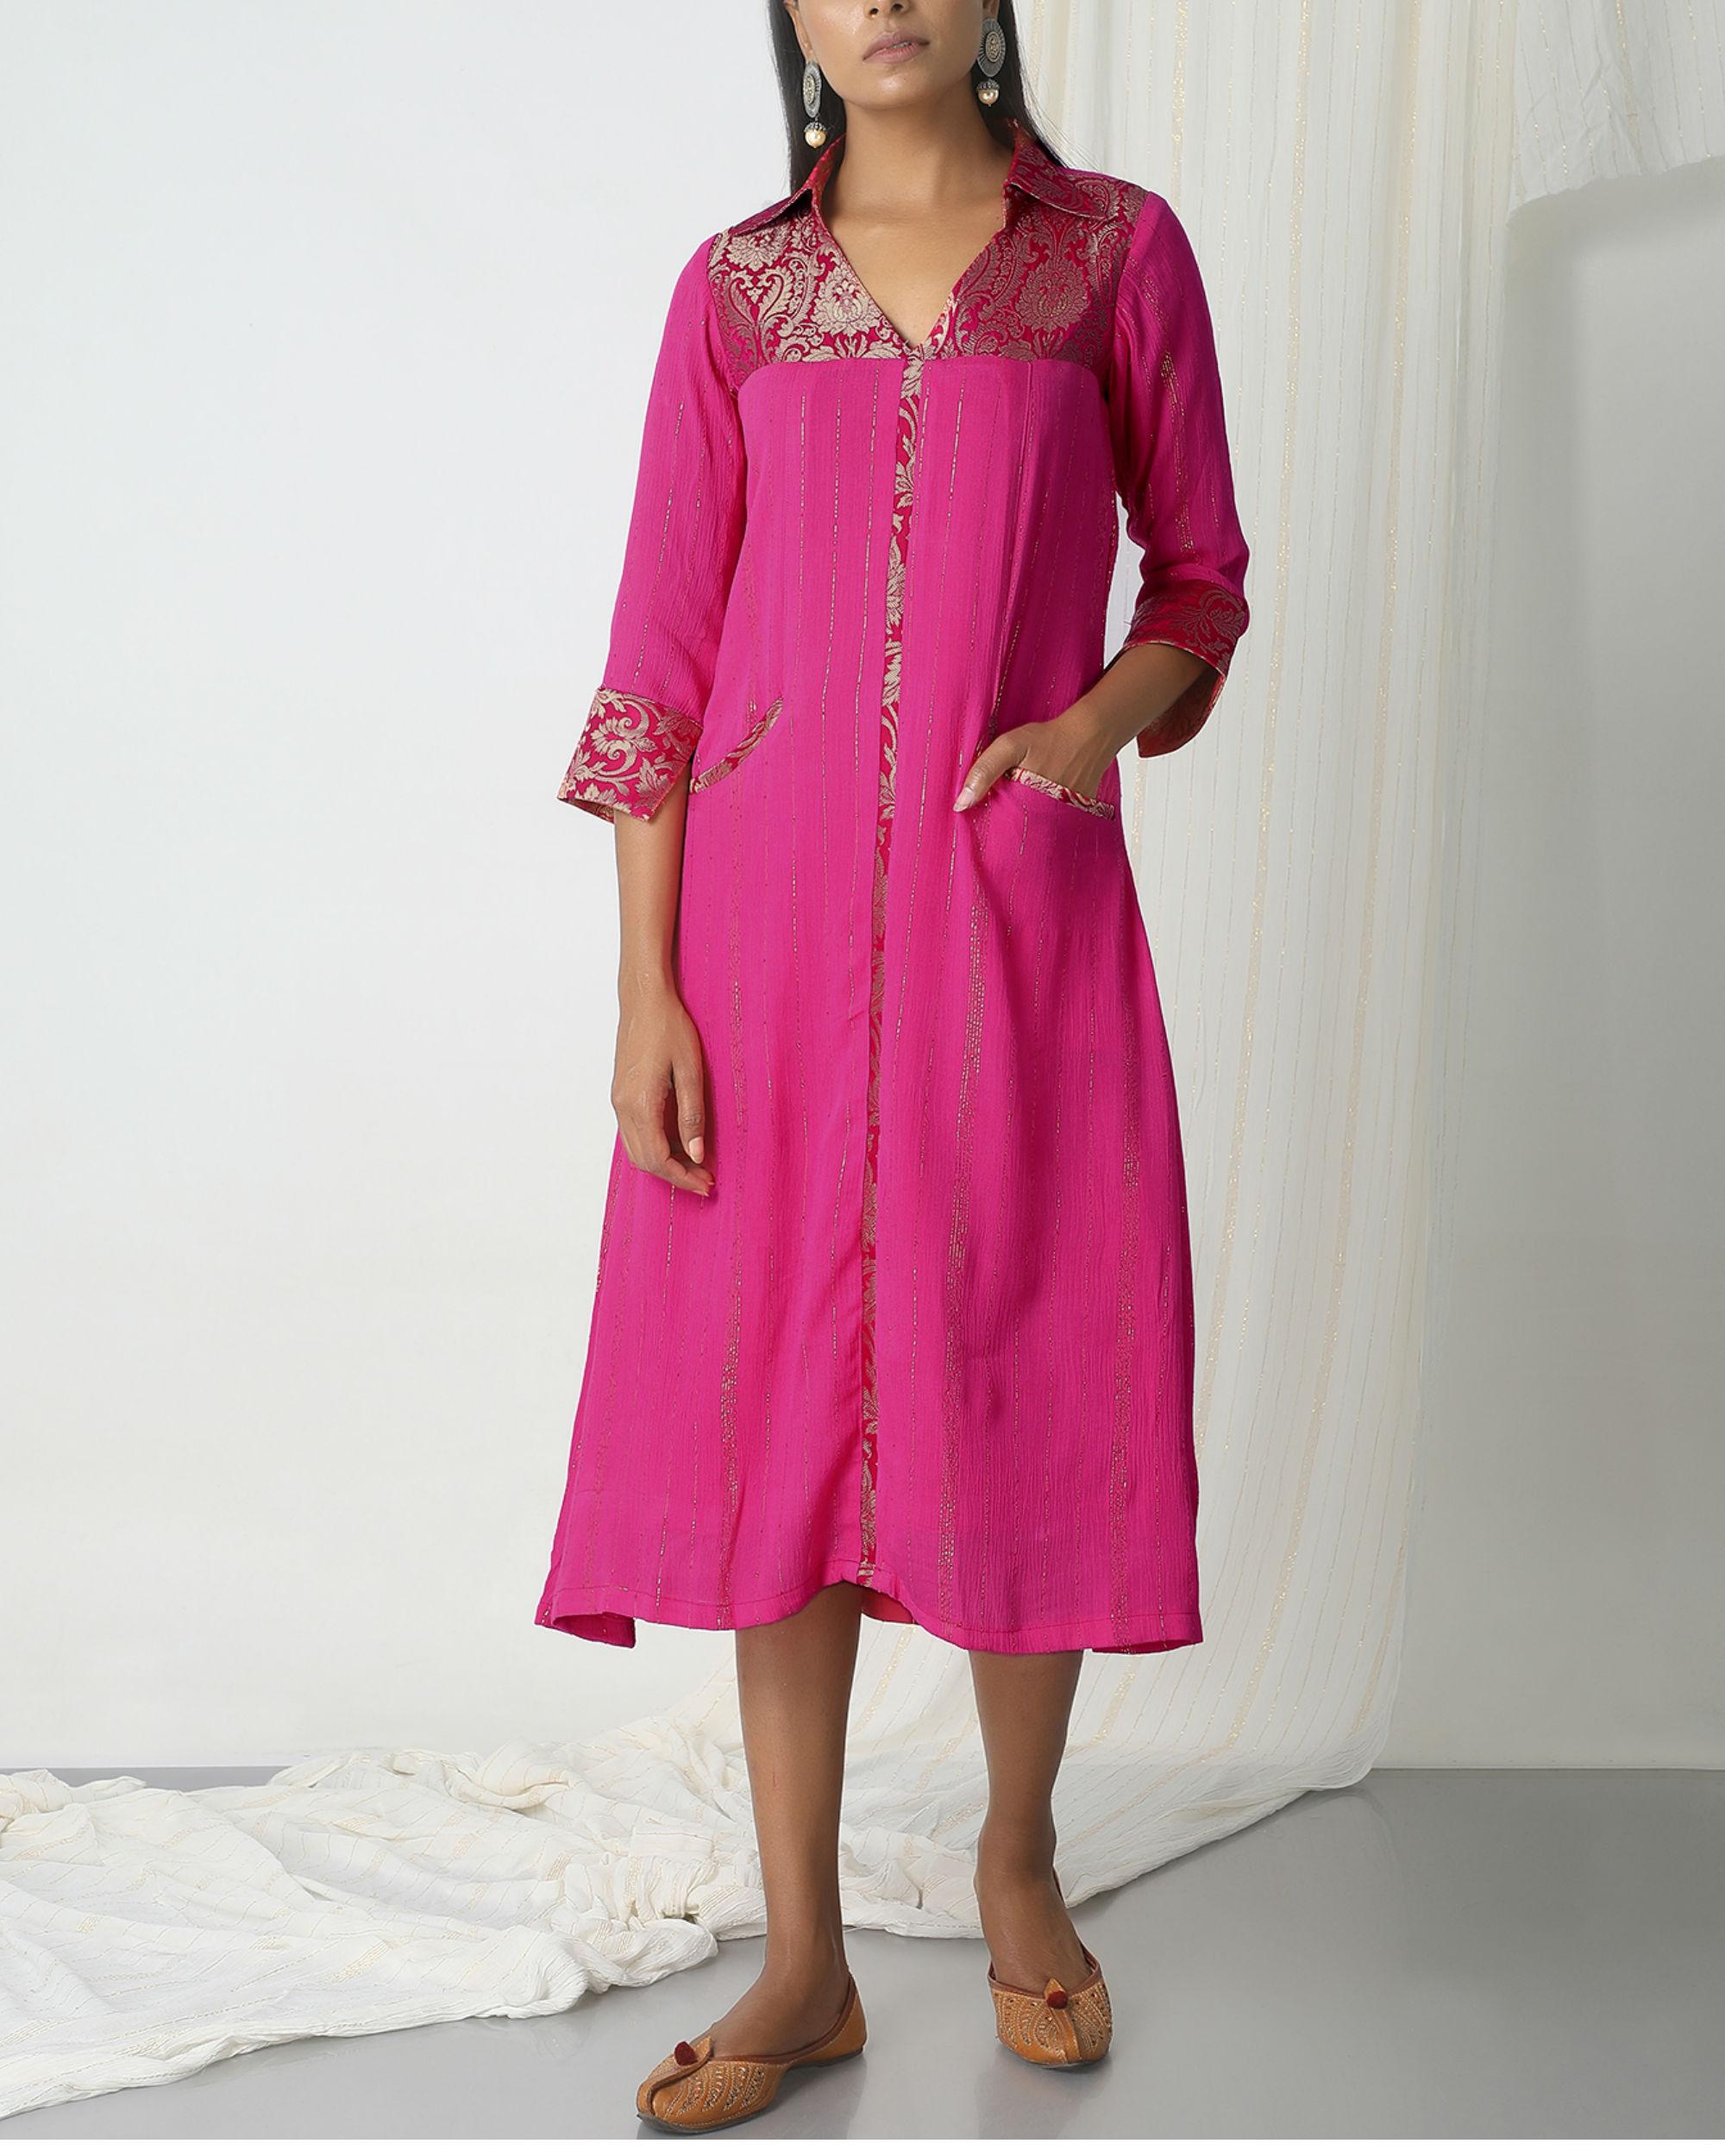 Pink brocade shirt dress